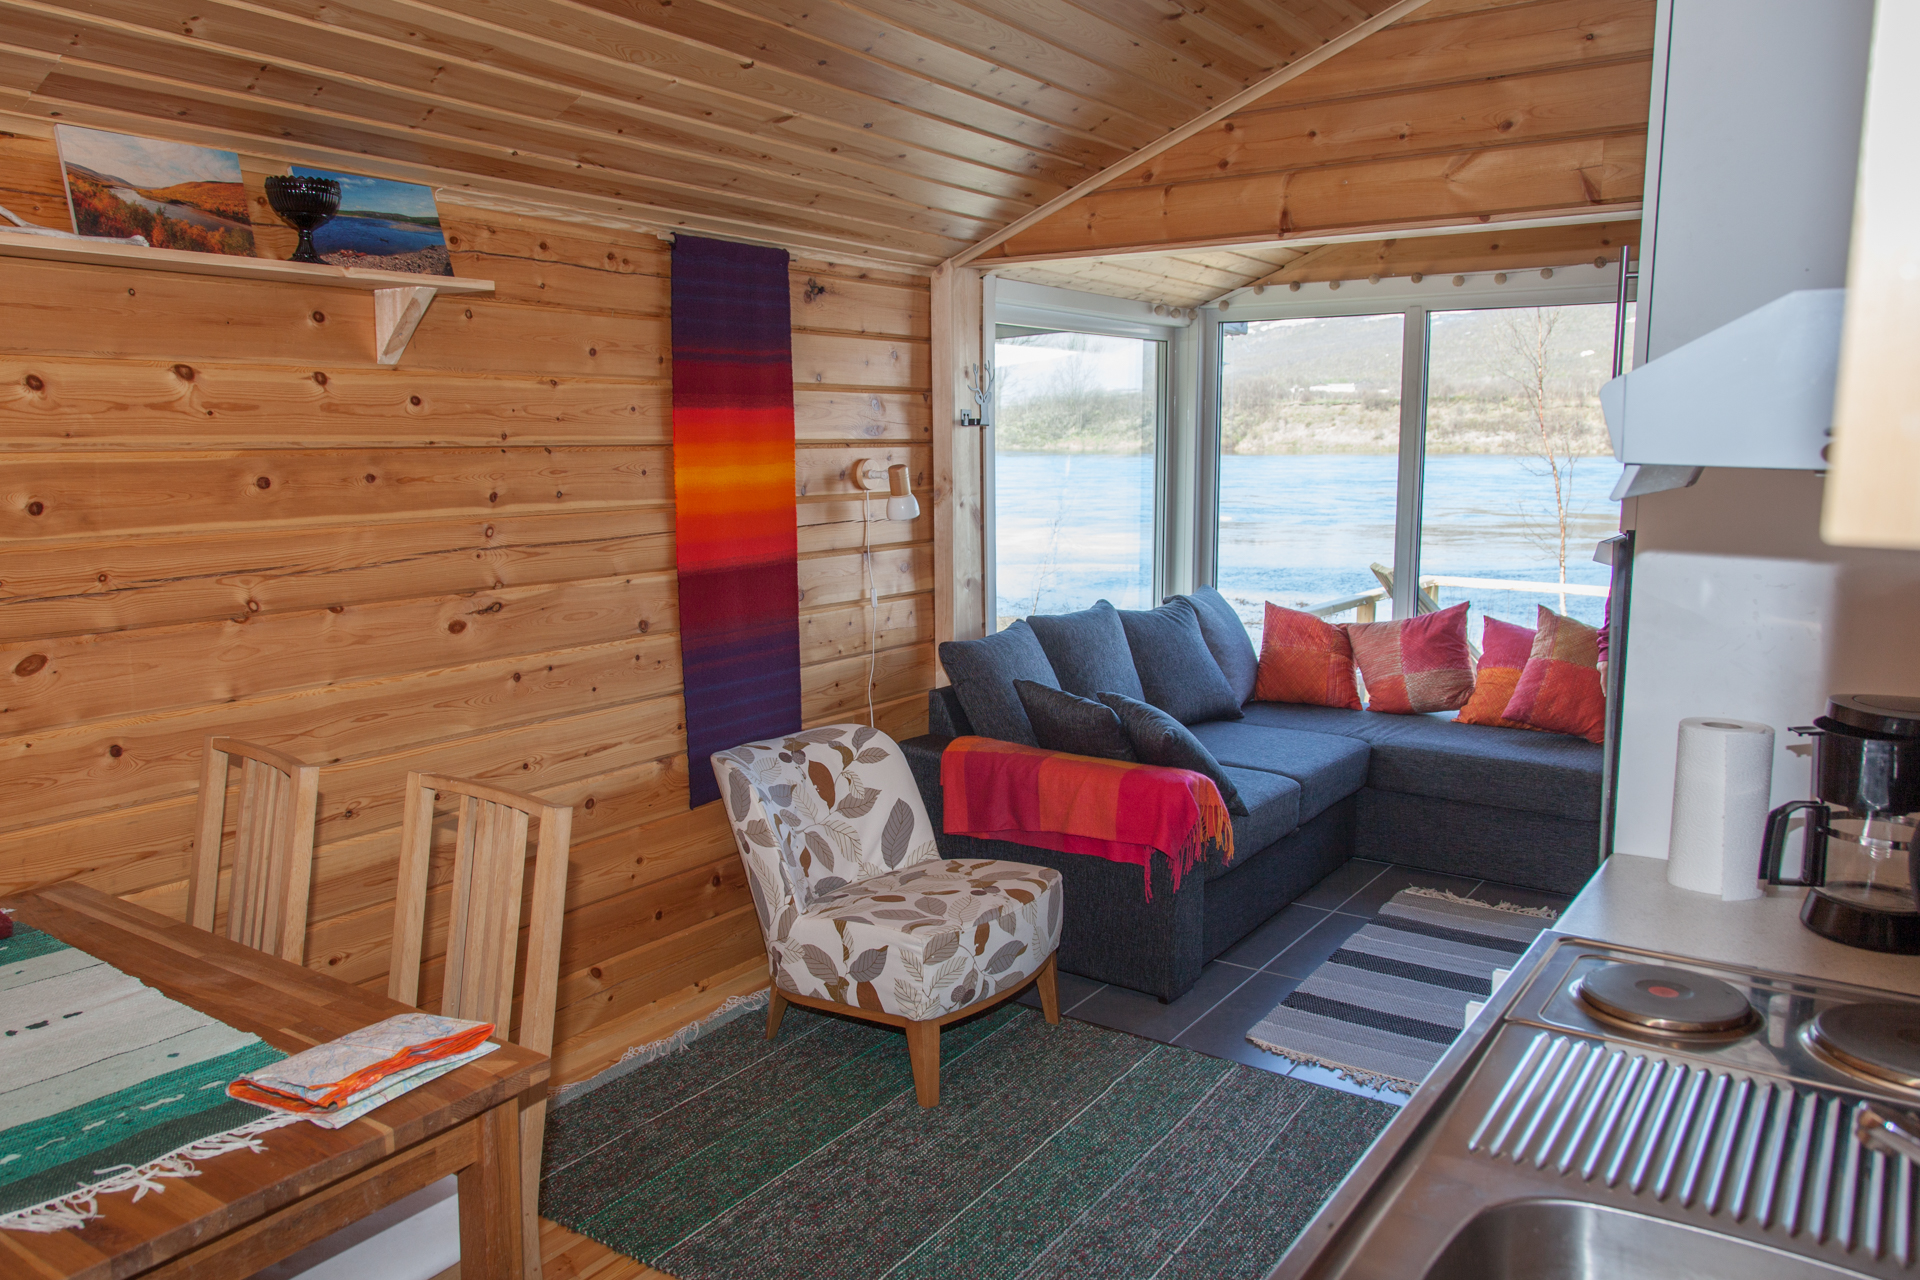 Aurora on yksi Alma Arktikan vuokramökeistä. Virtaavaa Tenojokea voi katsella sohvalta tai terassin kylpypaljusta.